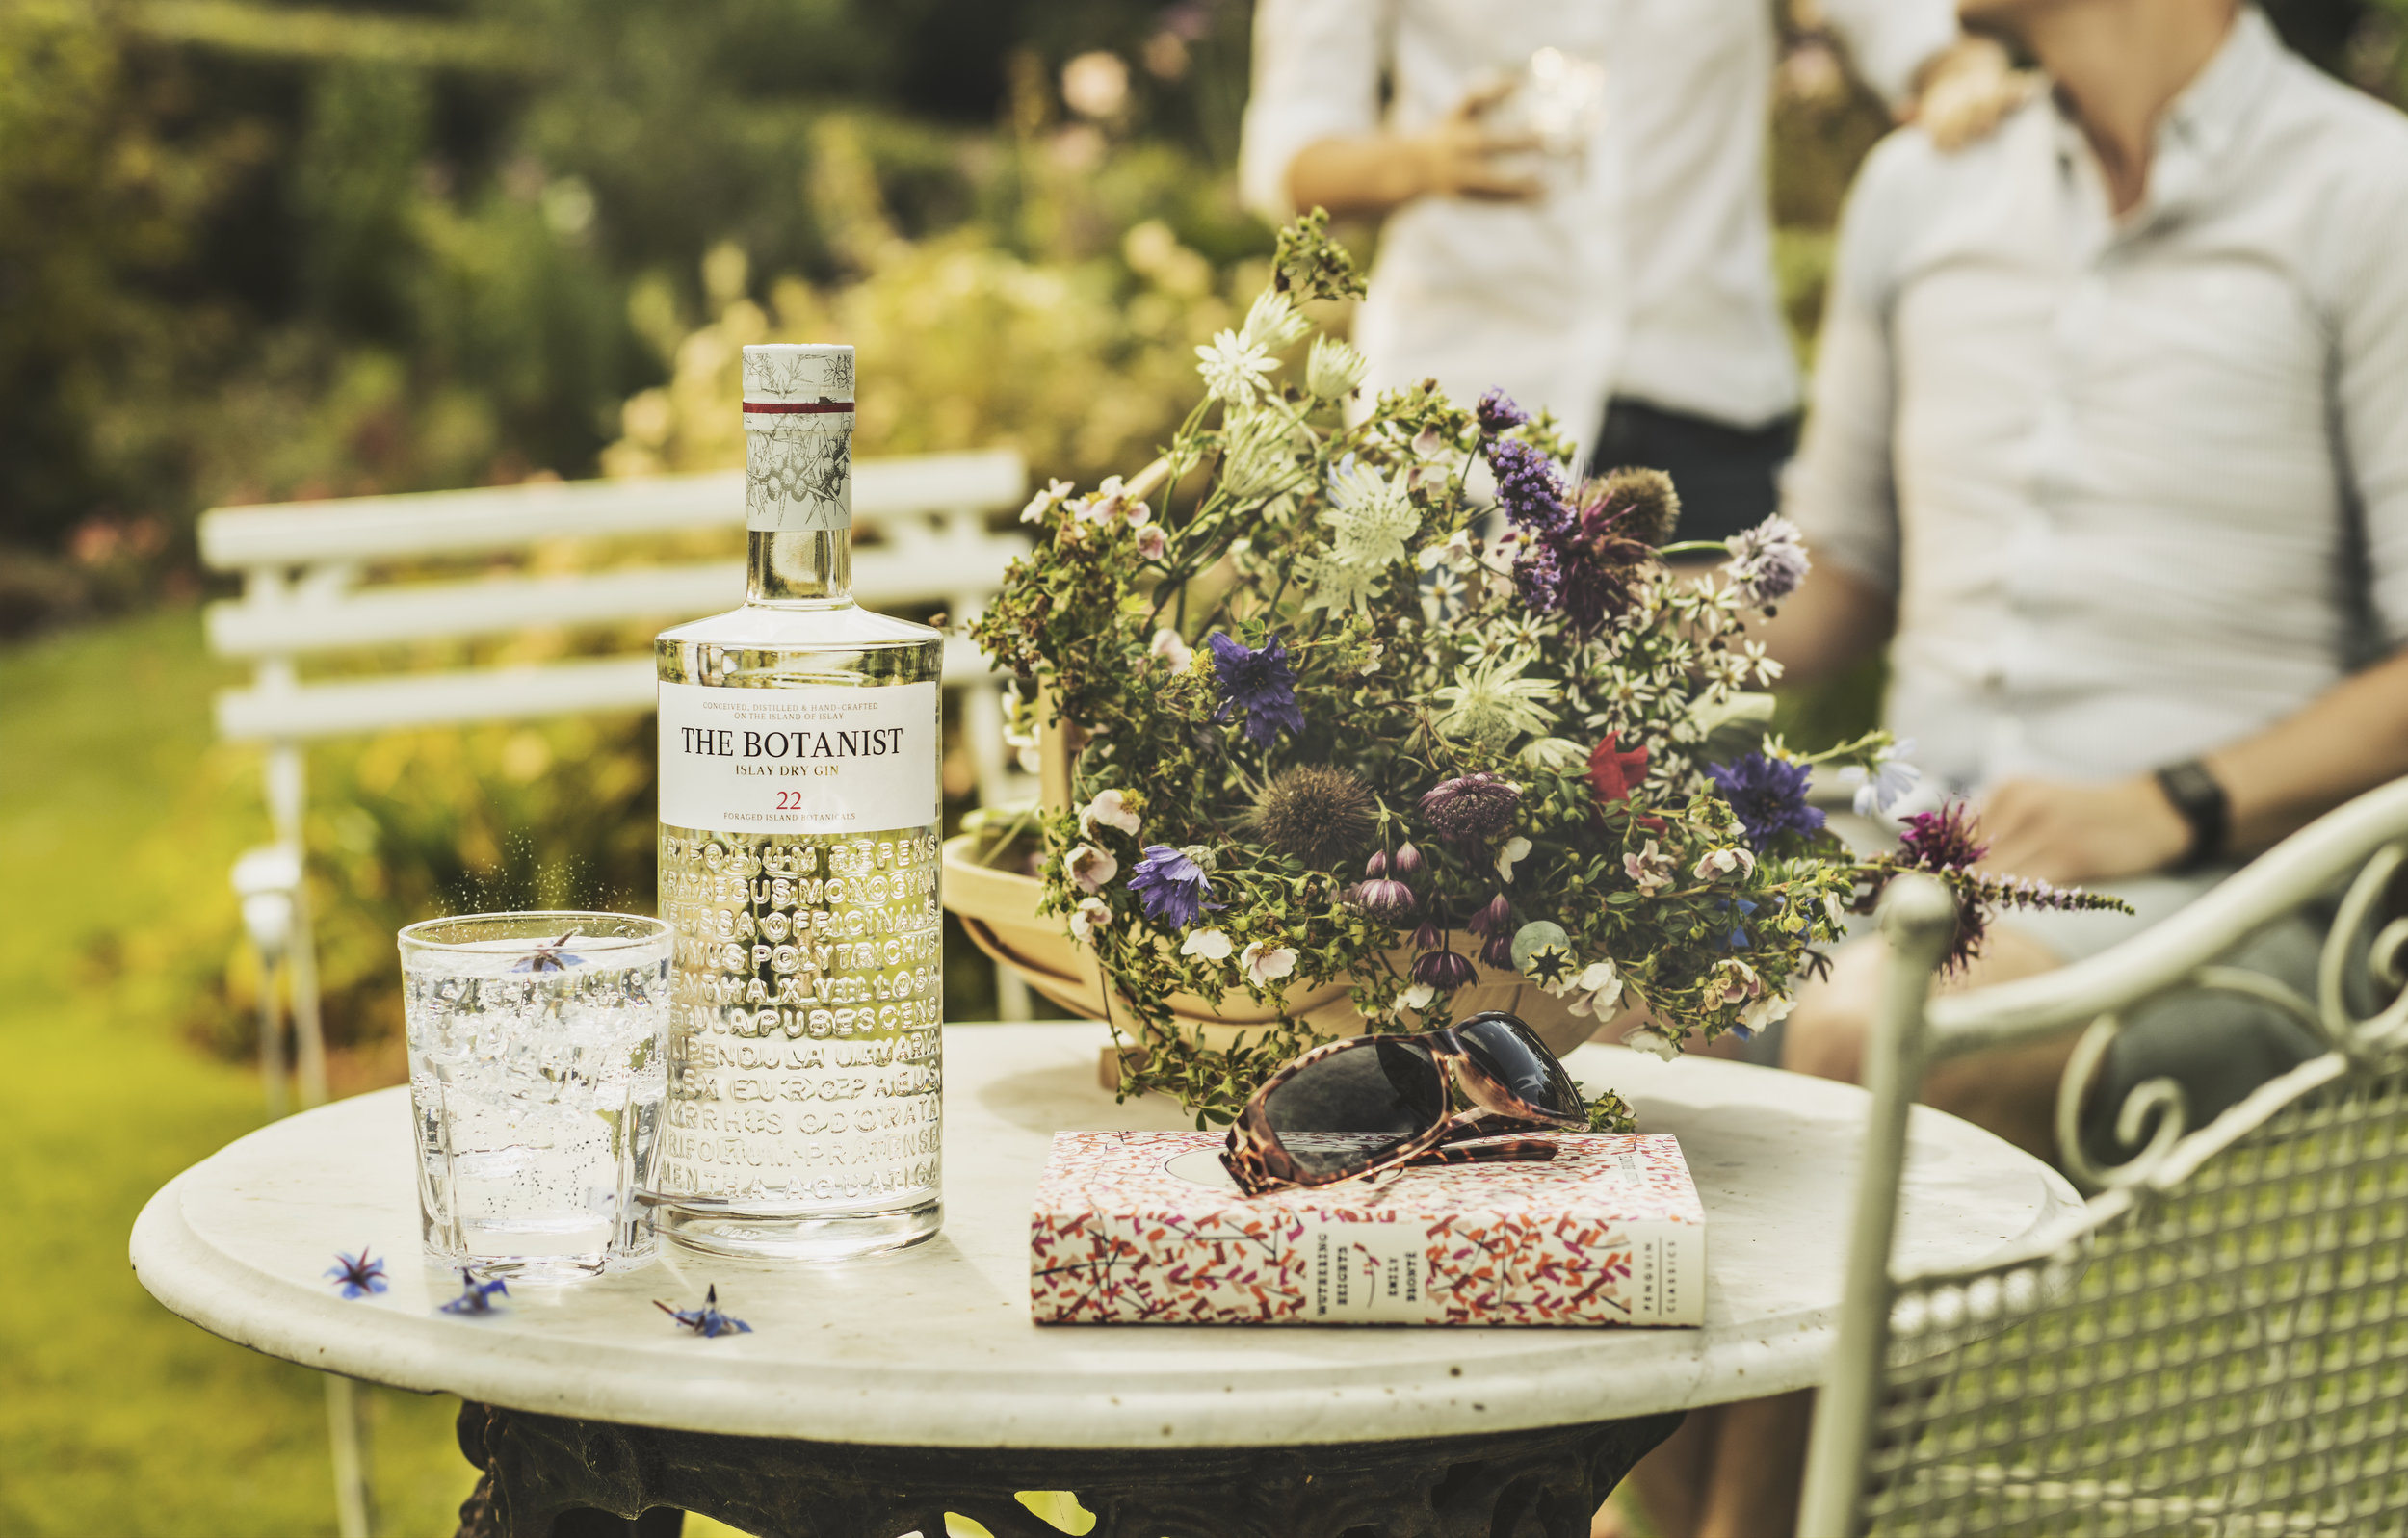 The Botanist Gin advertising shoot